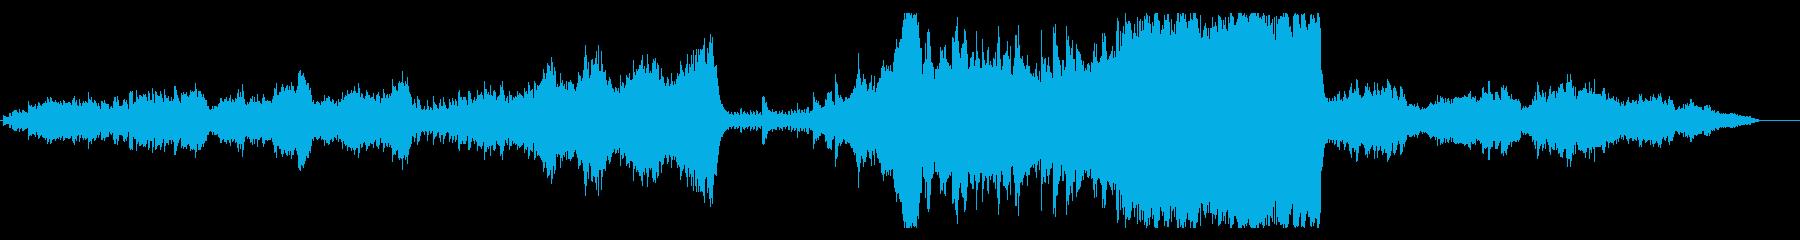 大自然壮大オーケストラ per syn無の再生済みの波形